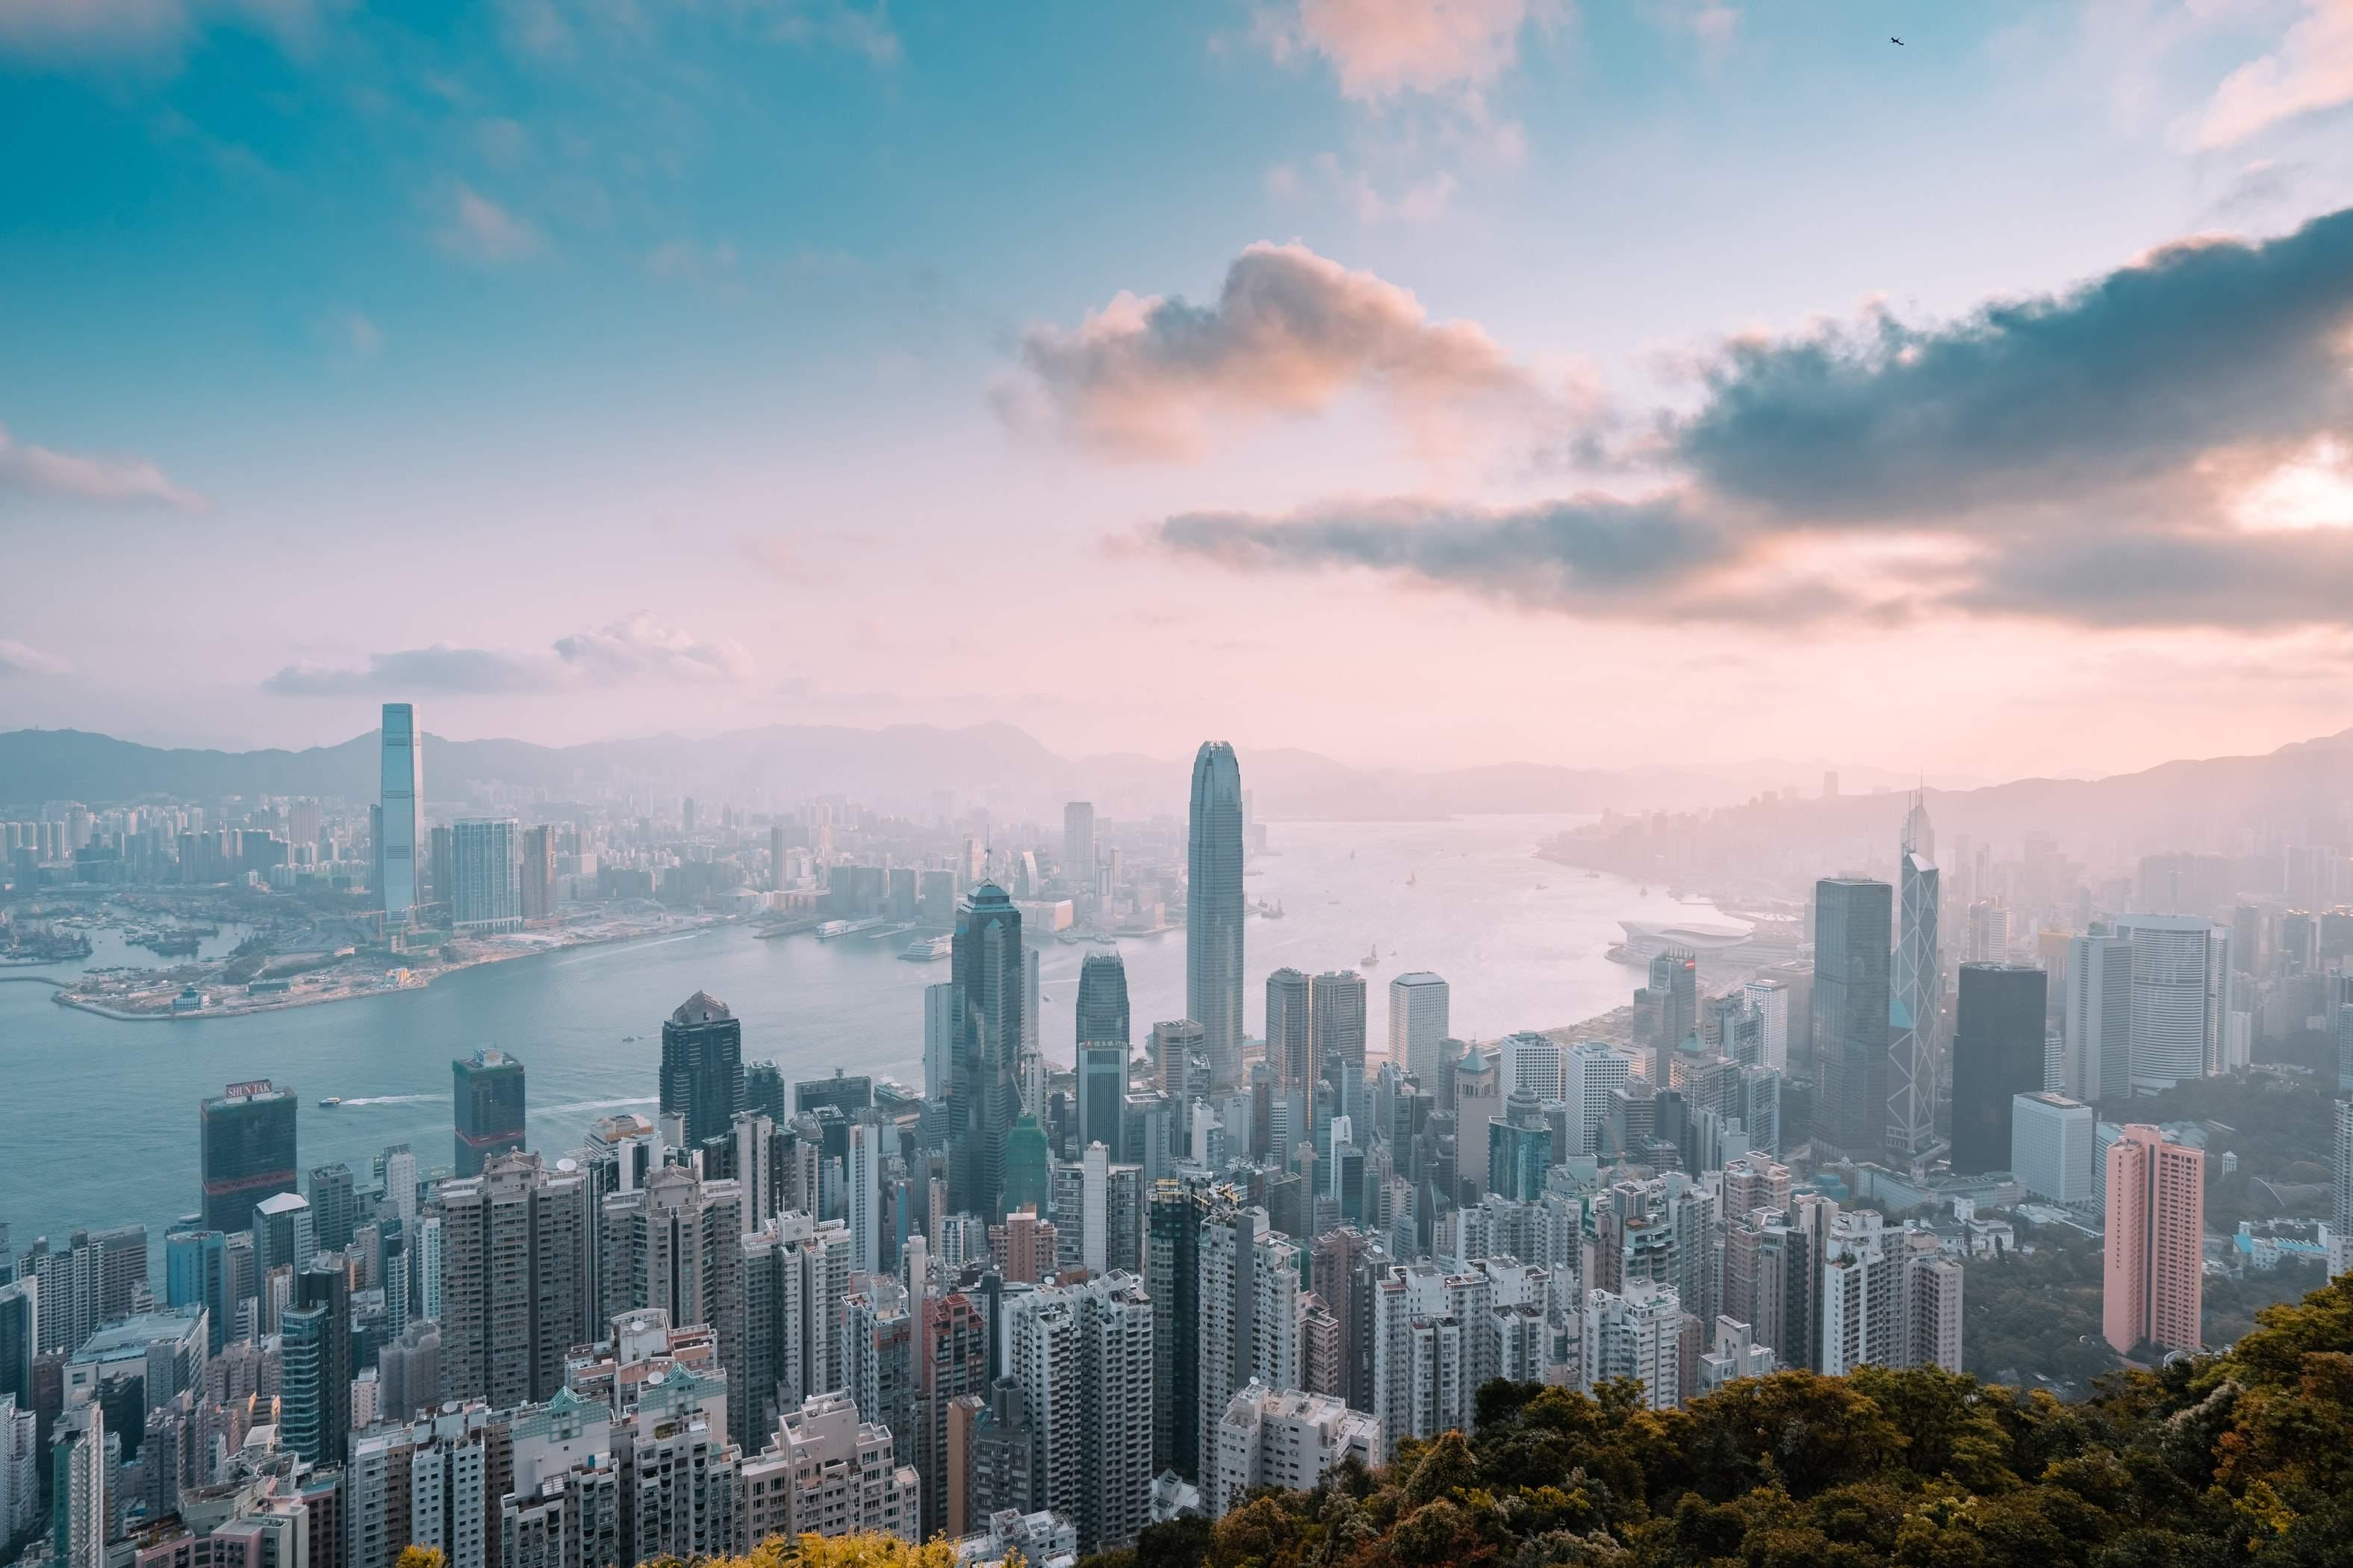 Die imposante Skyline von Hongkong